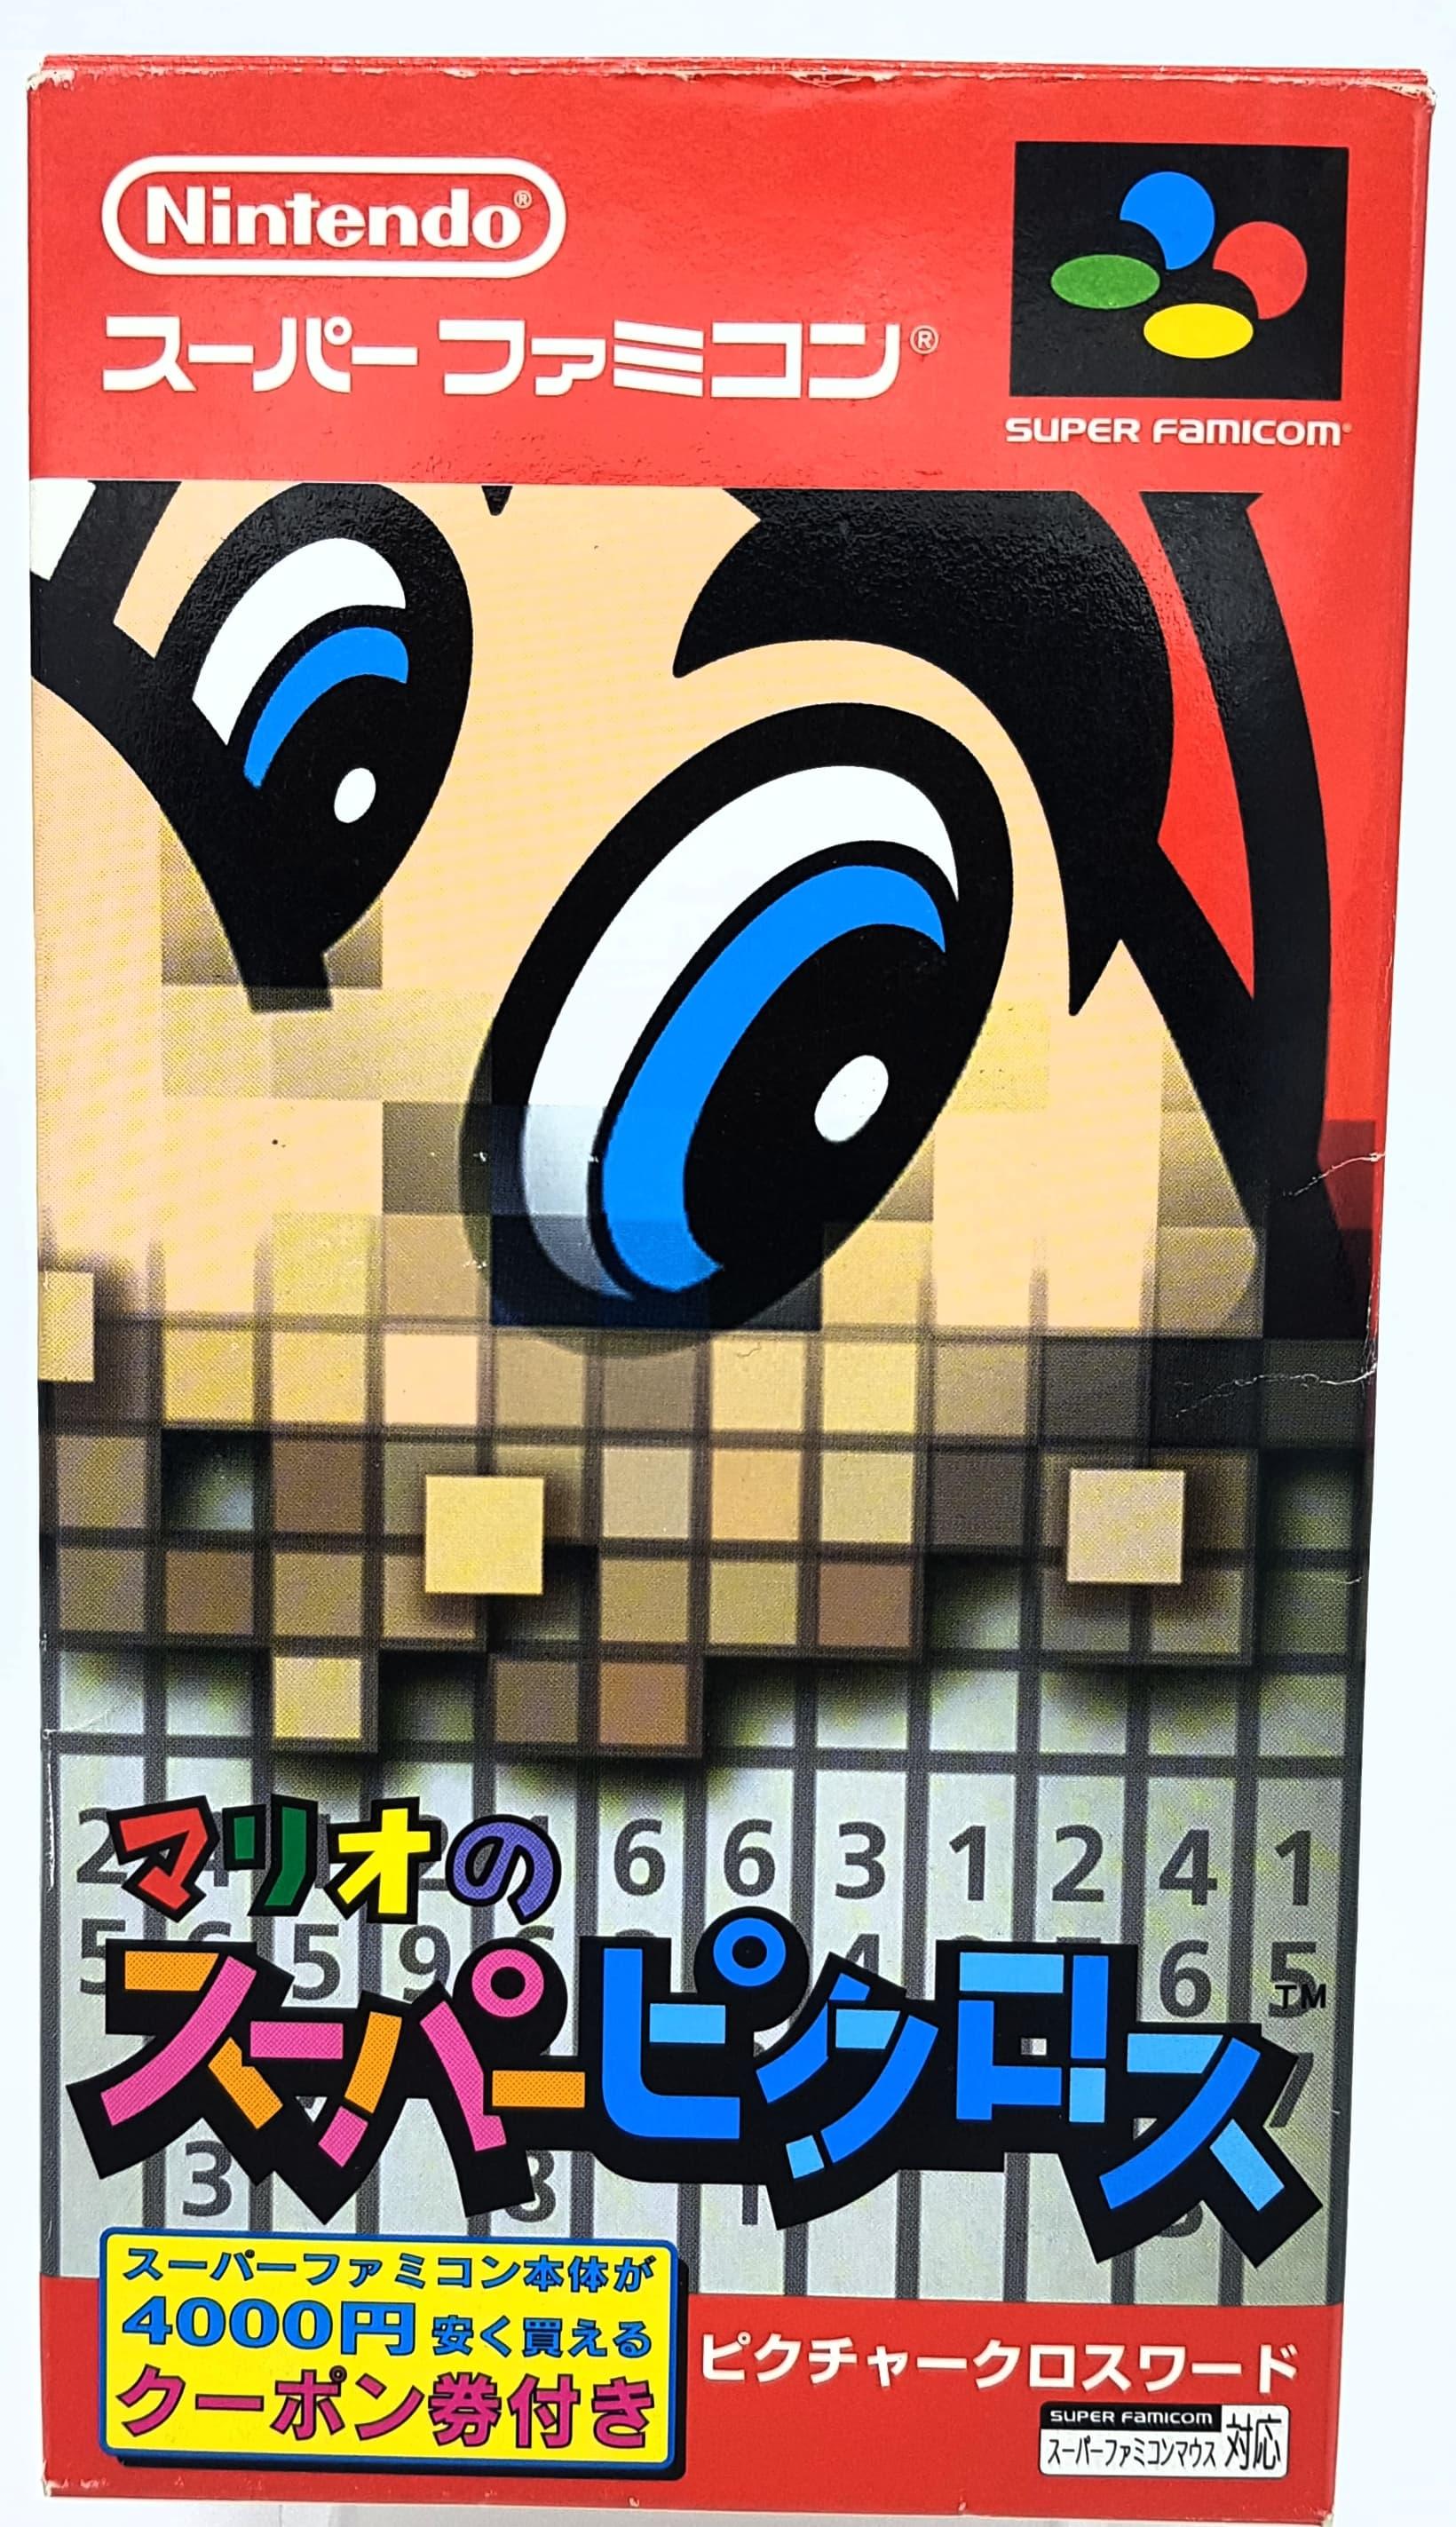 Les plus beaux visuels de boite Super famicom / Super Nintendo 66852702_2311467982273614_1389058527368052736_n